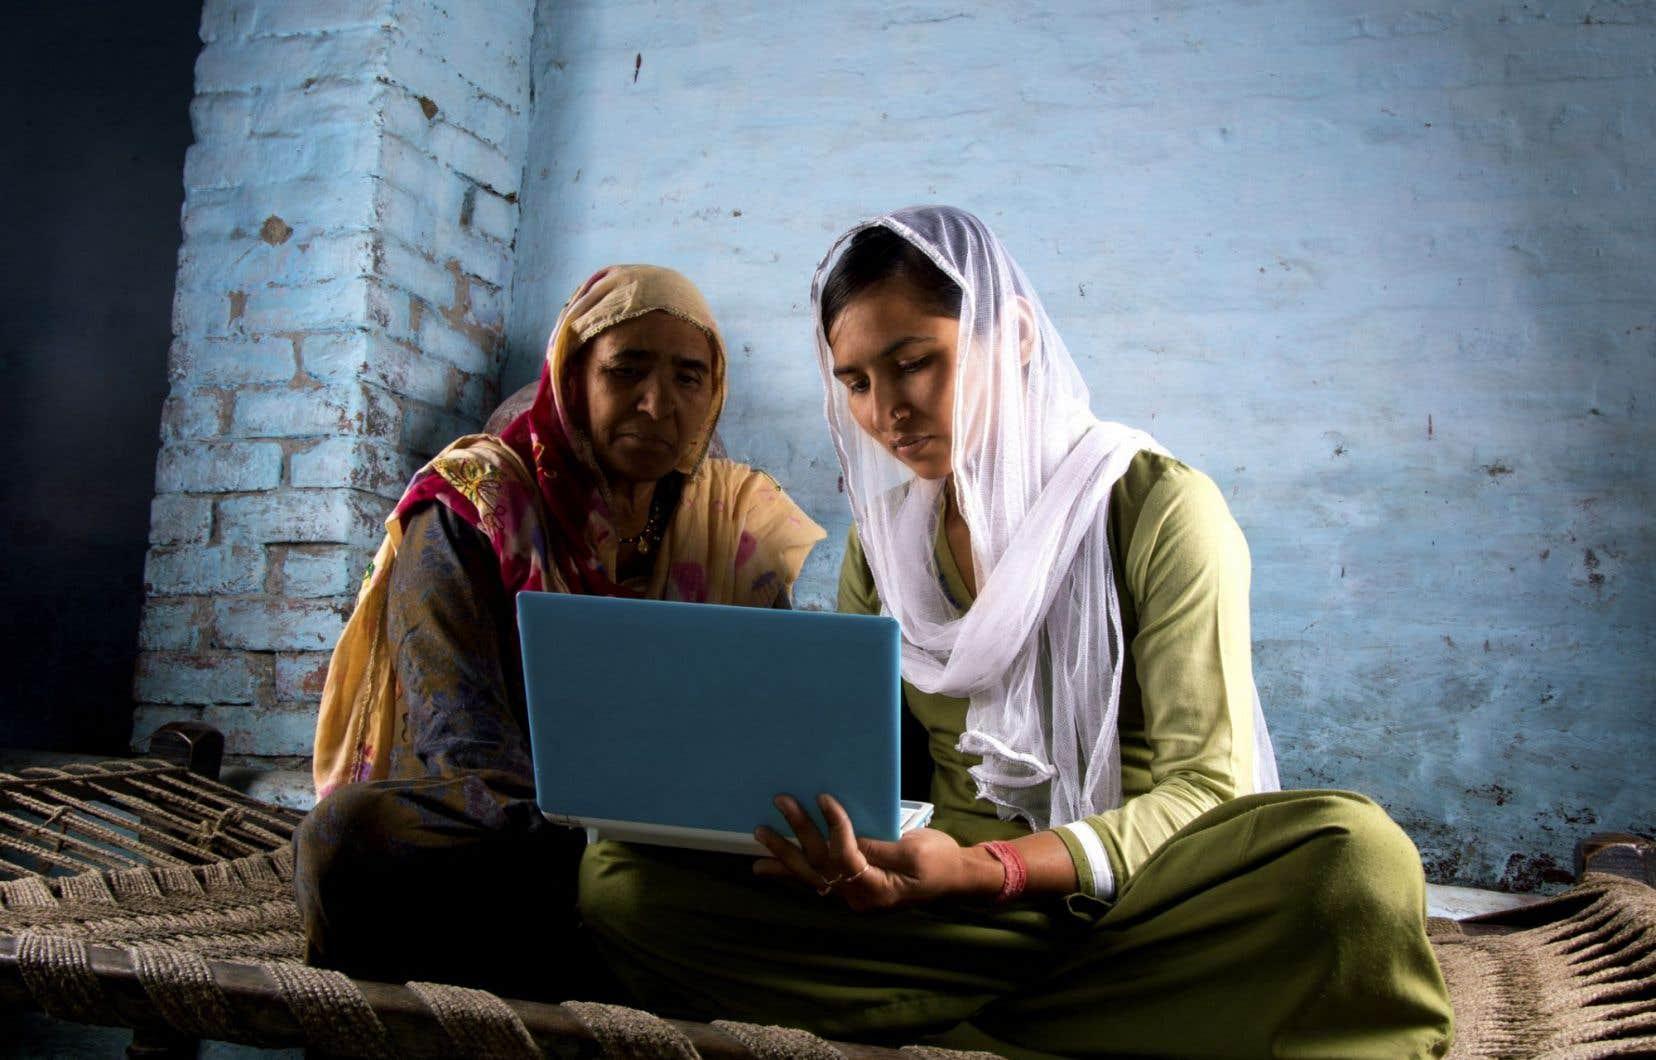 Plus de la moitié de la population mondiale dispose maintenant d'un téléphone cellulaire, contre 39 % qui ont accès à Internet.